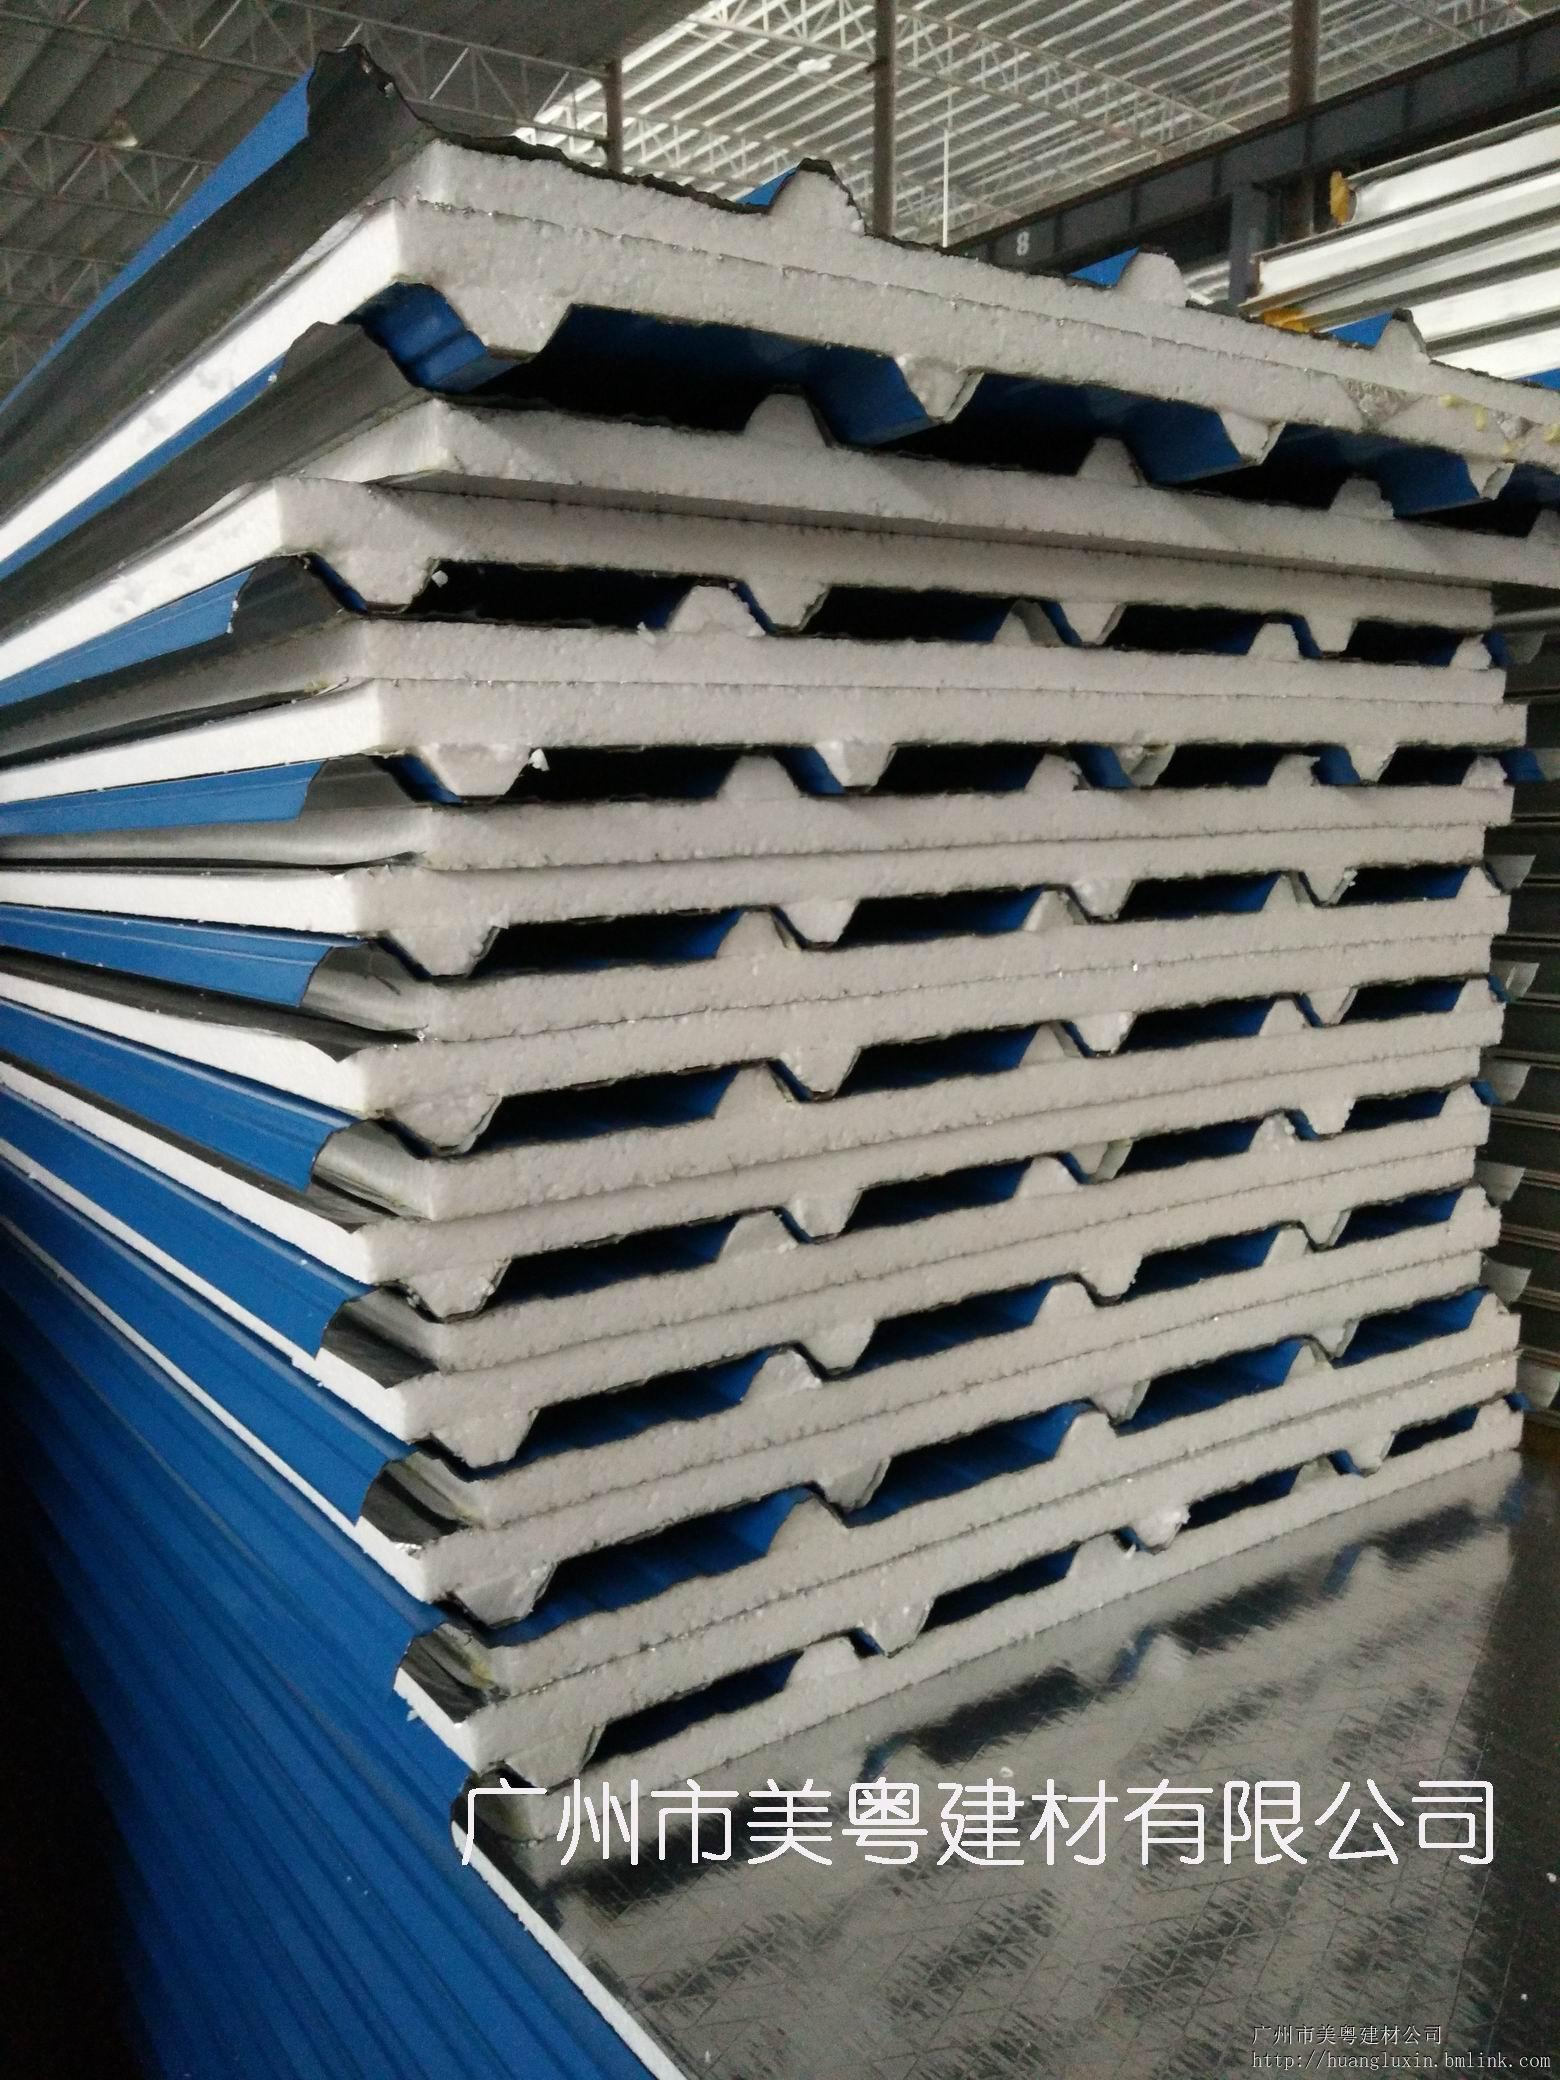 首页 产品供应 金属材料 金属板材 彩钢 > 供应广州840彩钢瓦